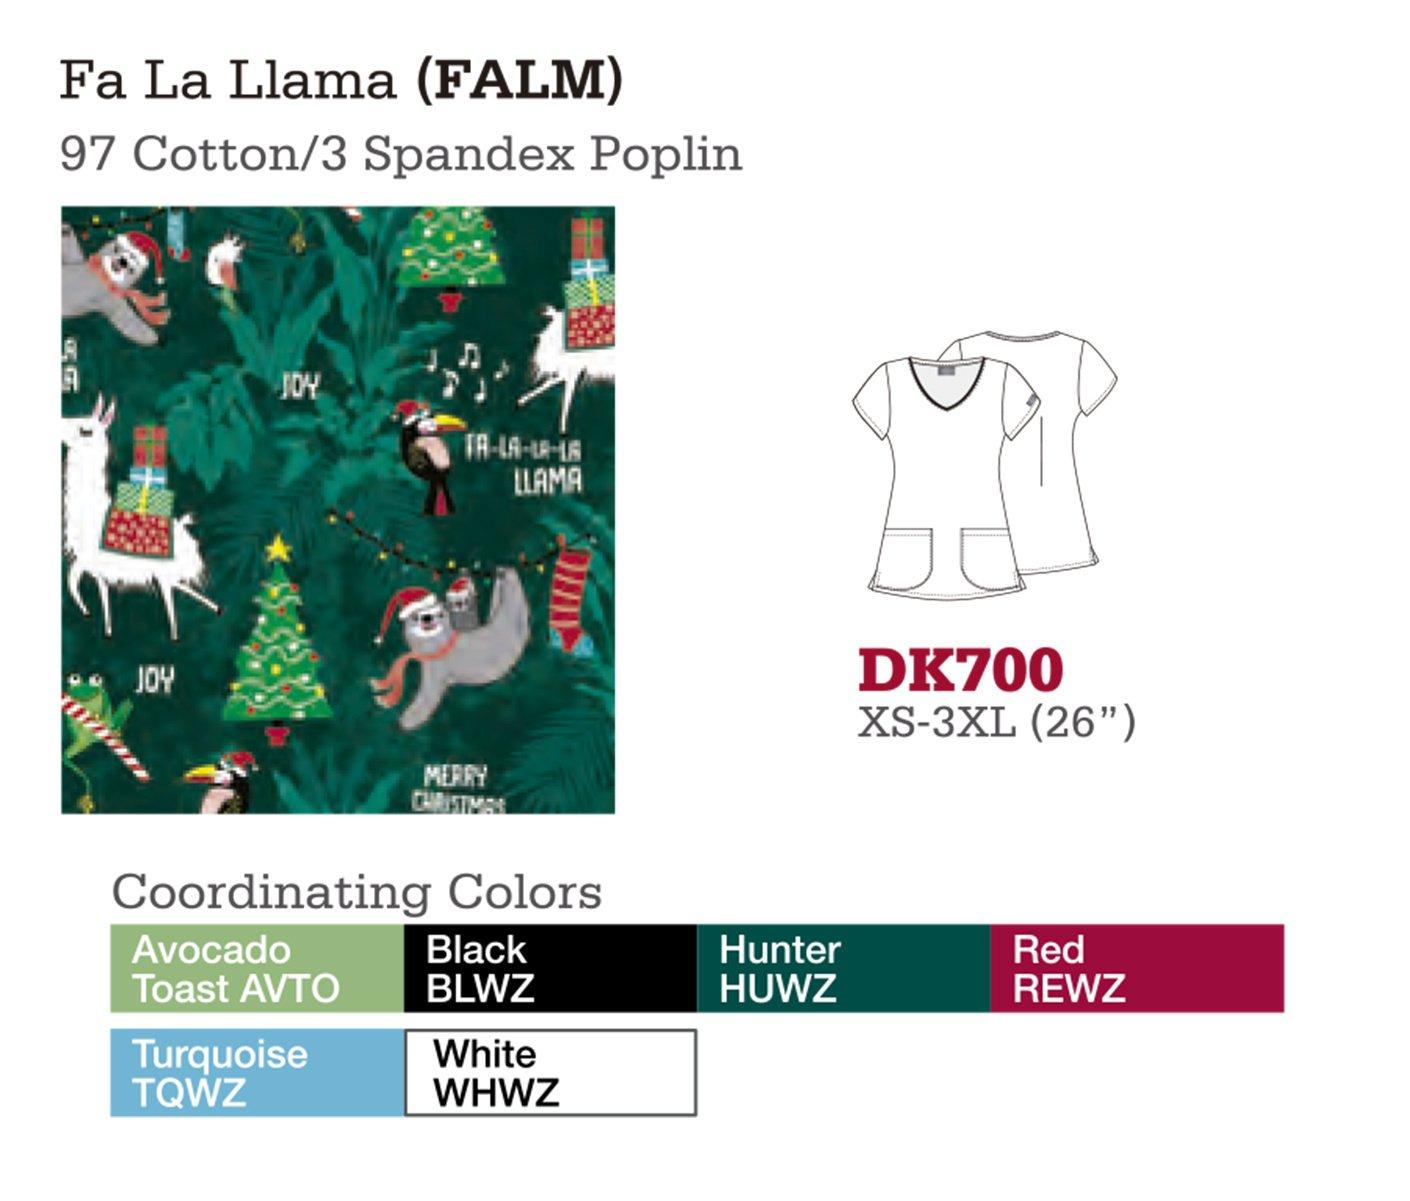 Fa La Llama. DK700.